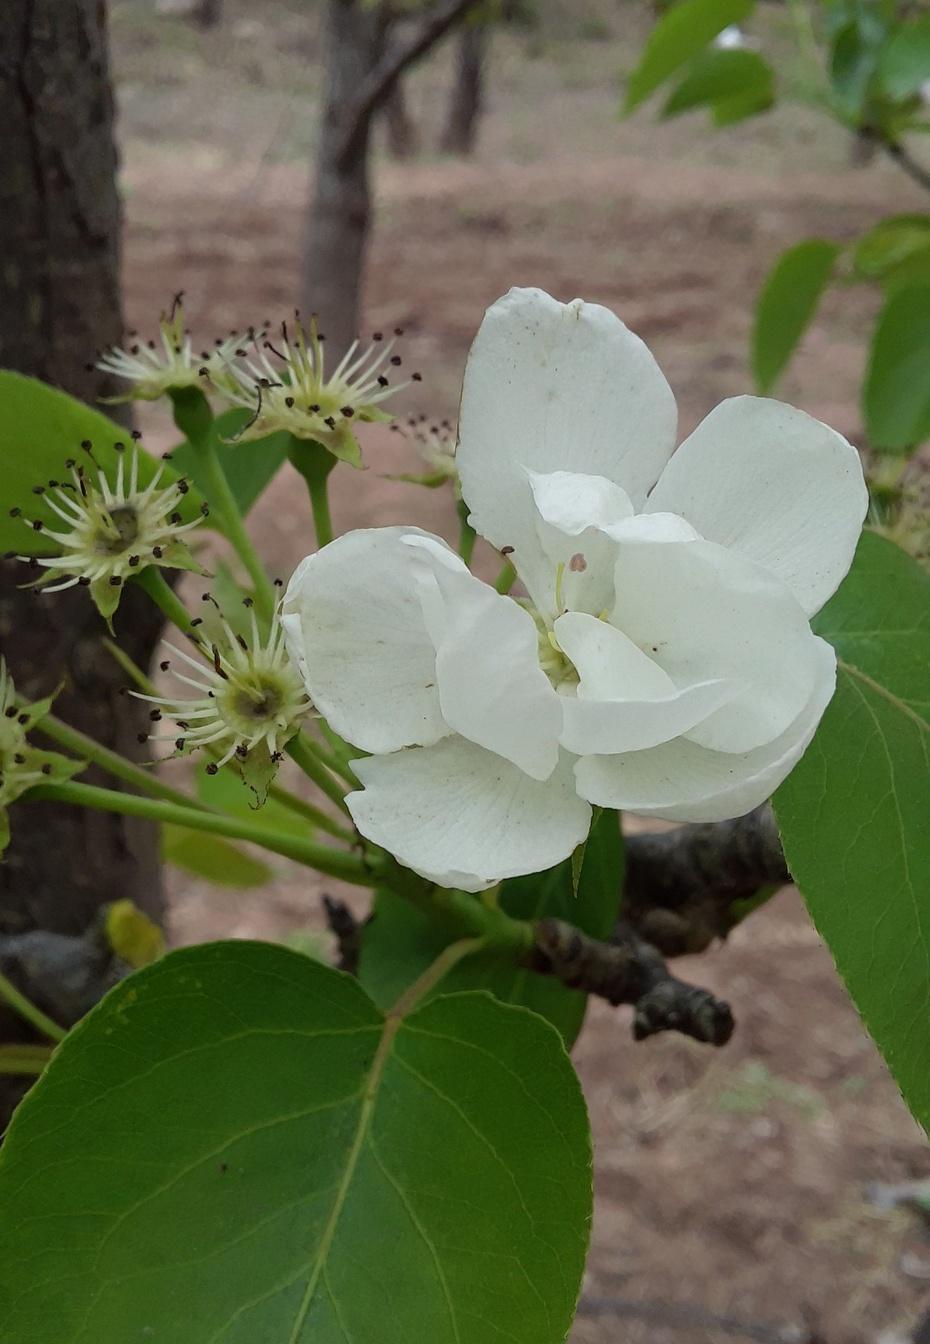 骑行梨树沟,寻最后的梨花 - 淡淡云 - 淡淡云